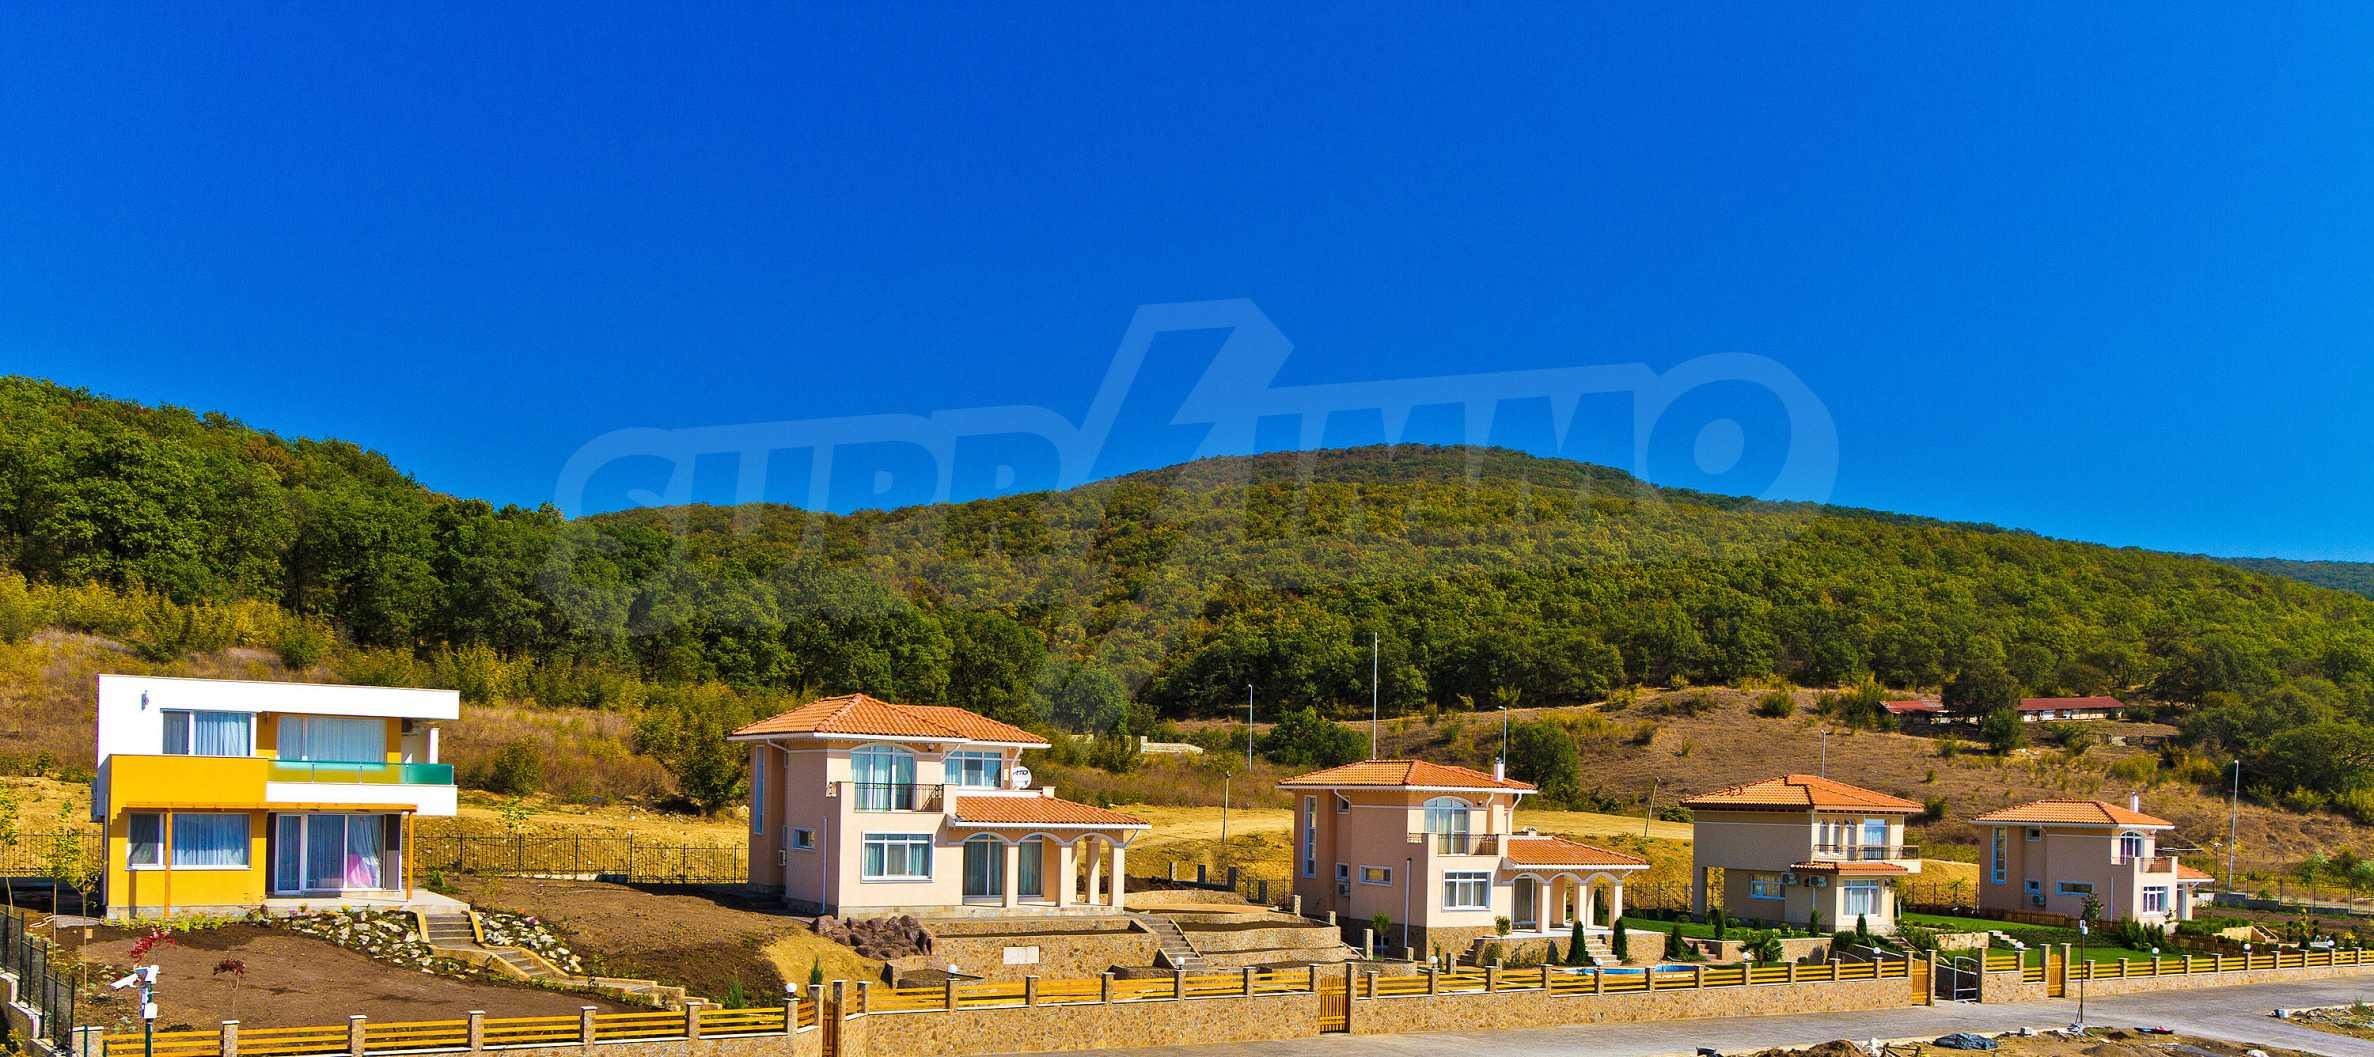 Erschlossene Grundstücke in der luxuriösen Villa-Siedlung SUNSET VILLAS 10